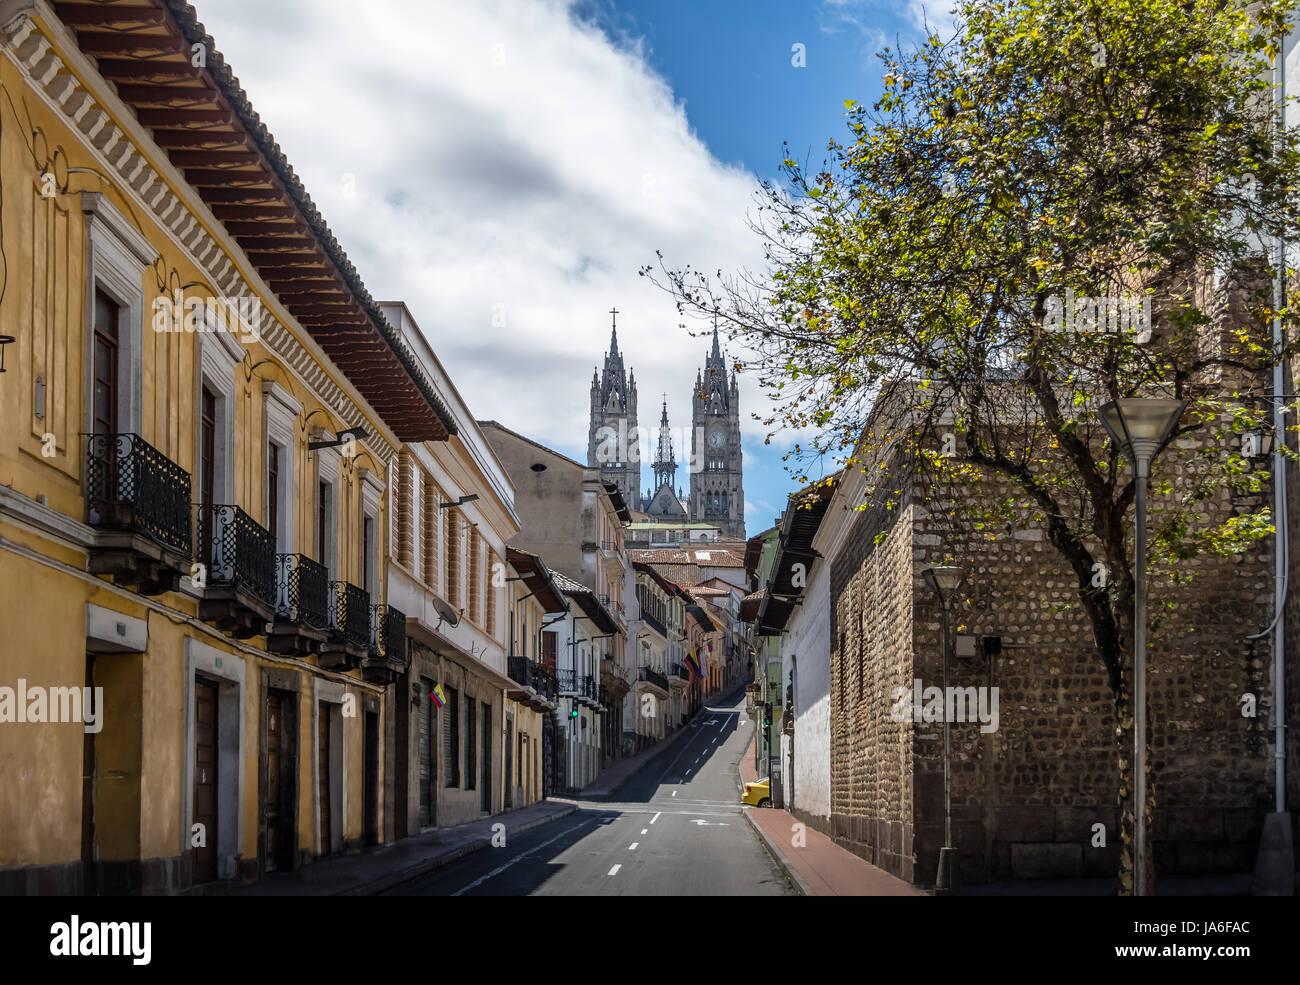 Strada di Quito e la Basilica del Voto Nacional - Quito, Ecuador Immagini Stock